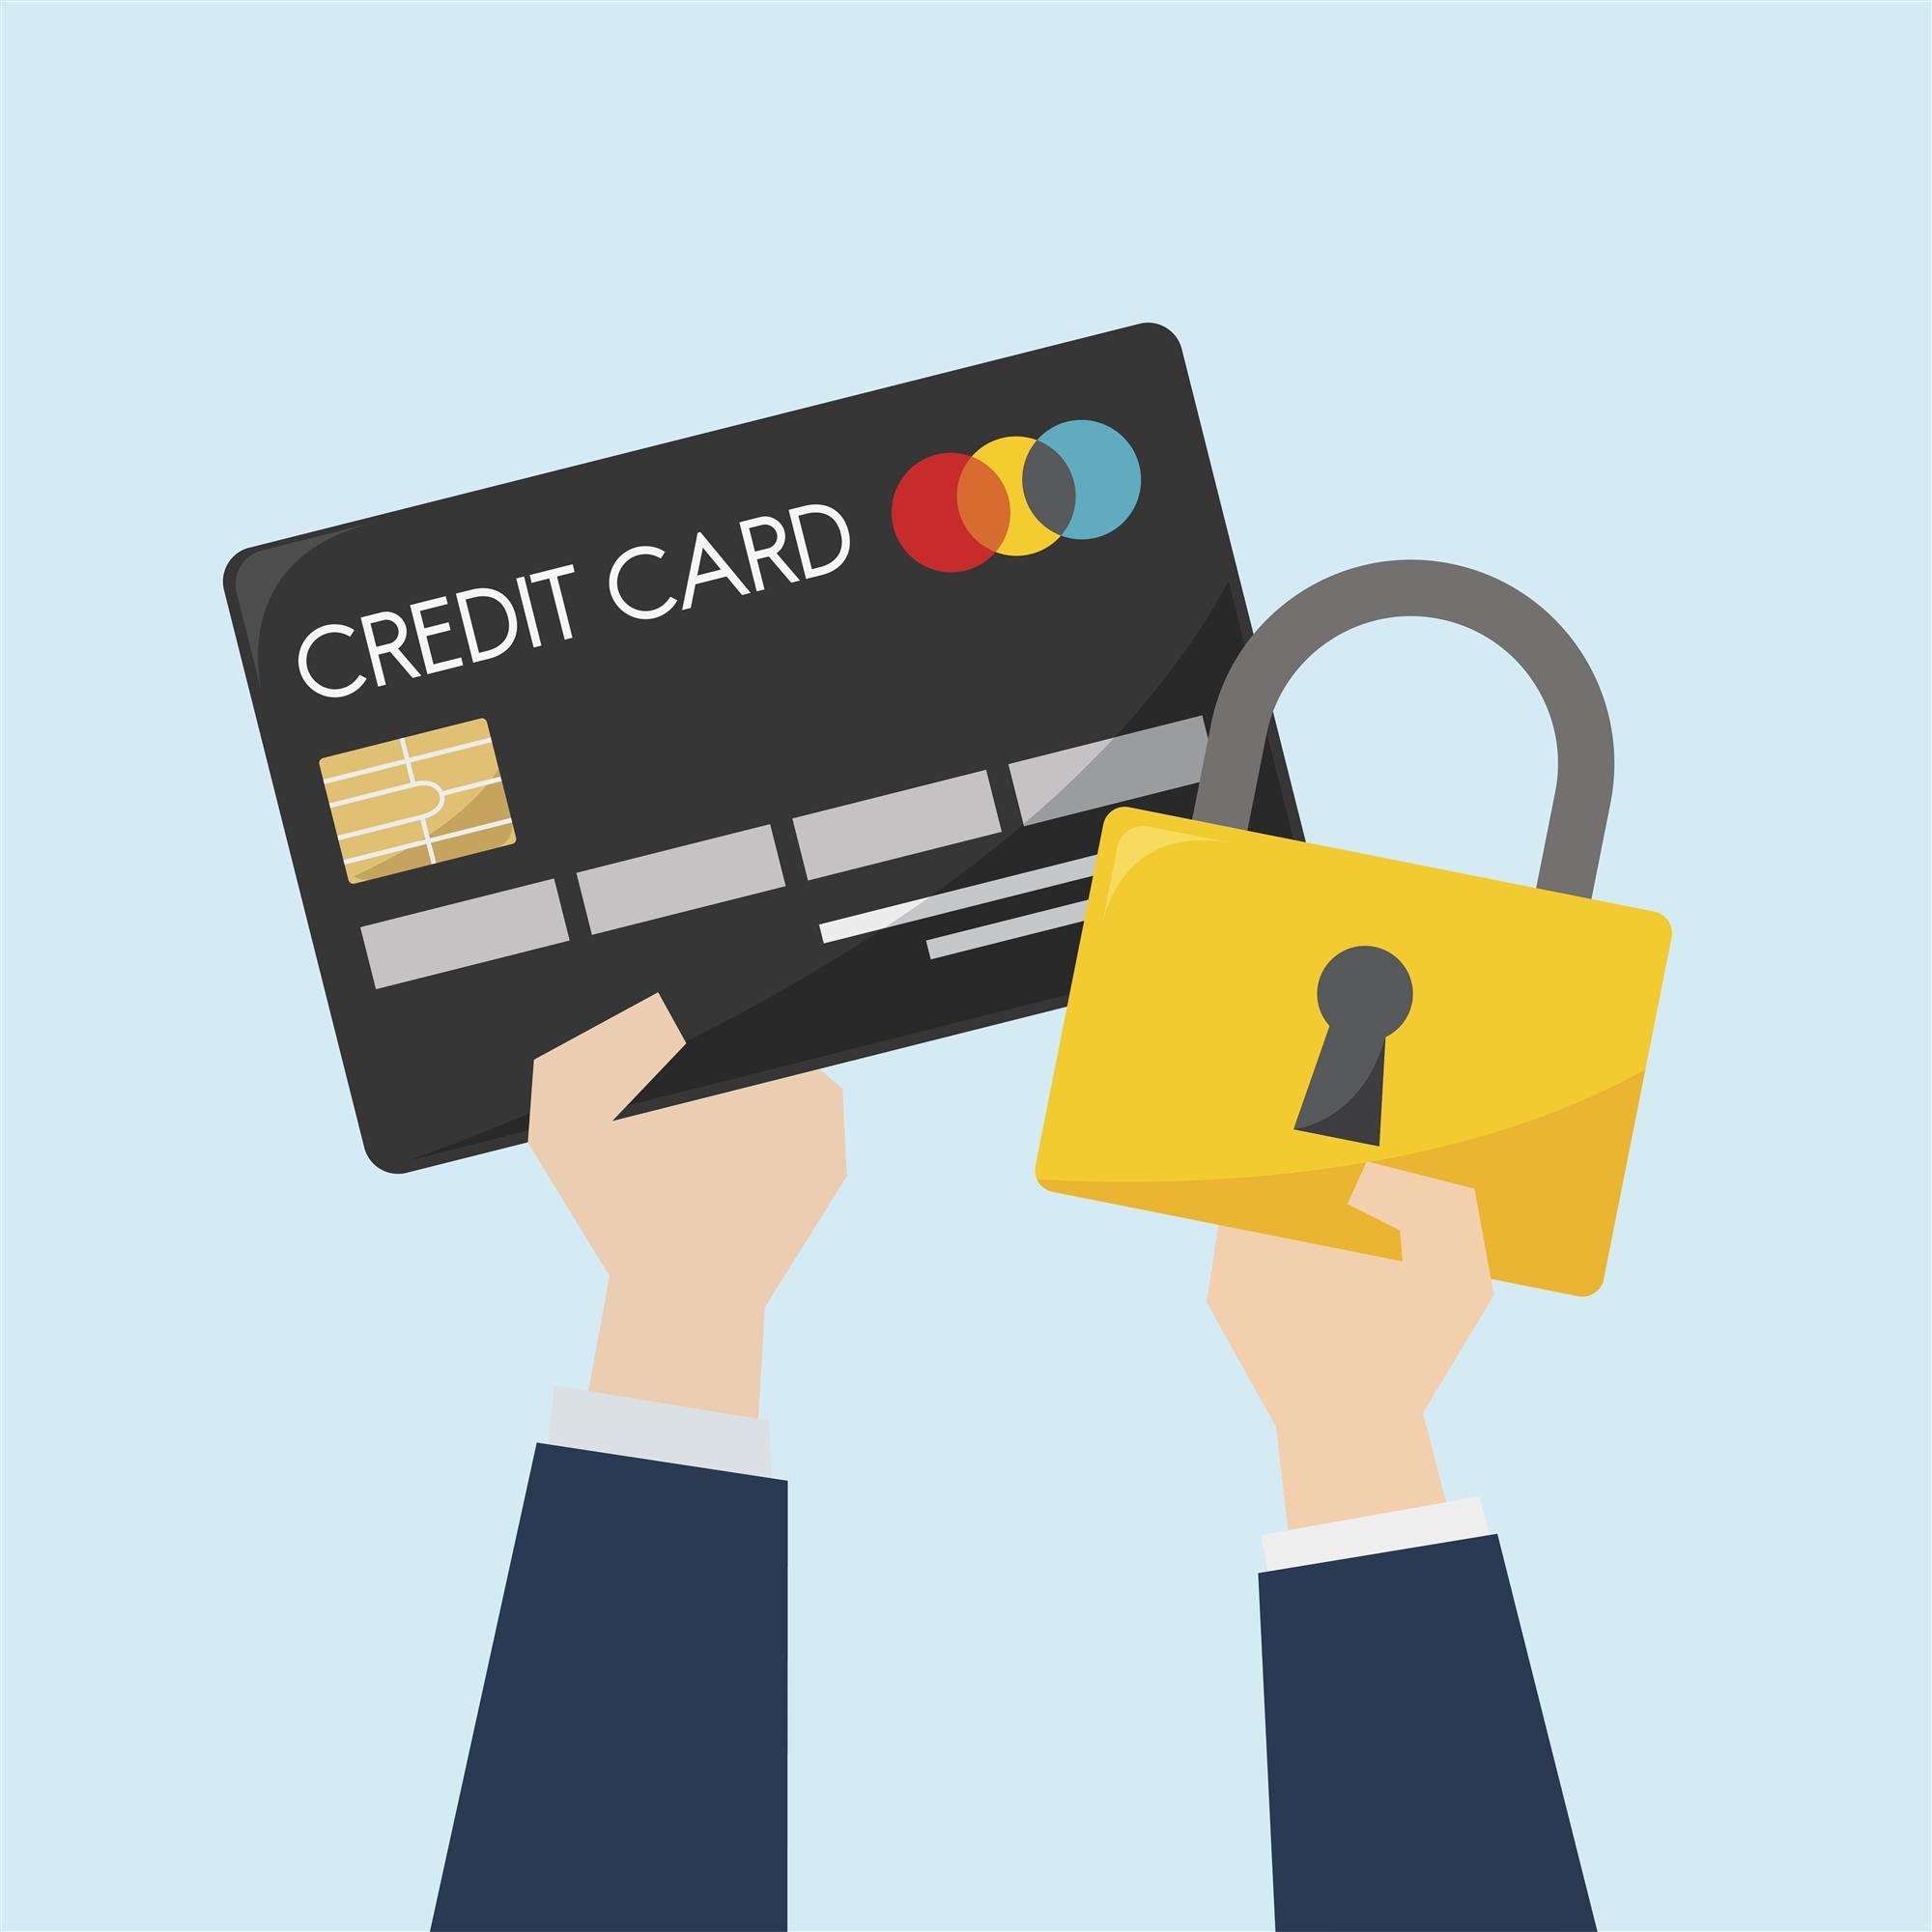 как получить кредитную карту в приватбанке